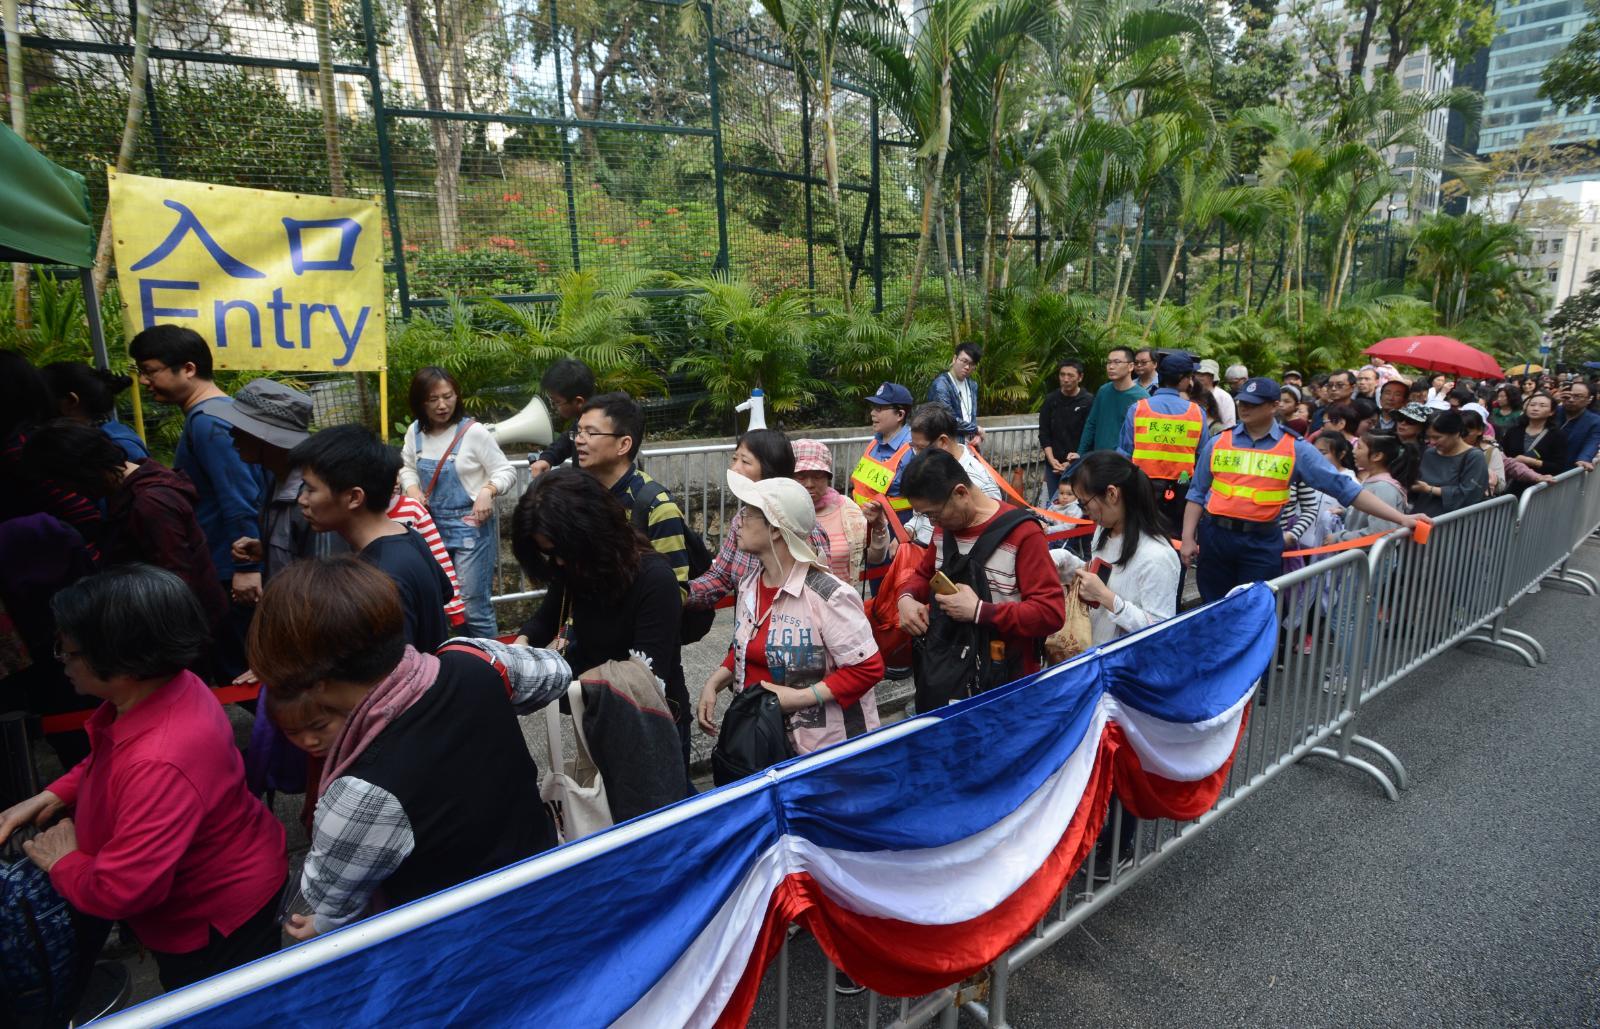 早上10時開放前,已有大批市民在場排隊。